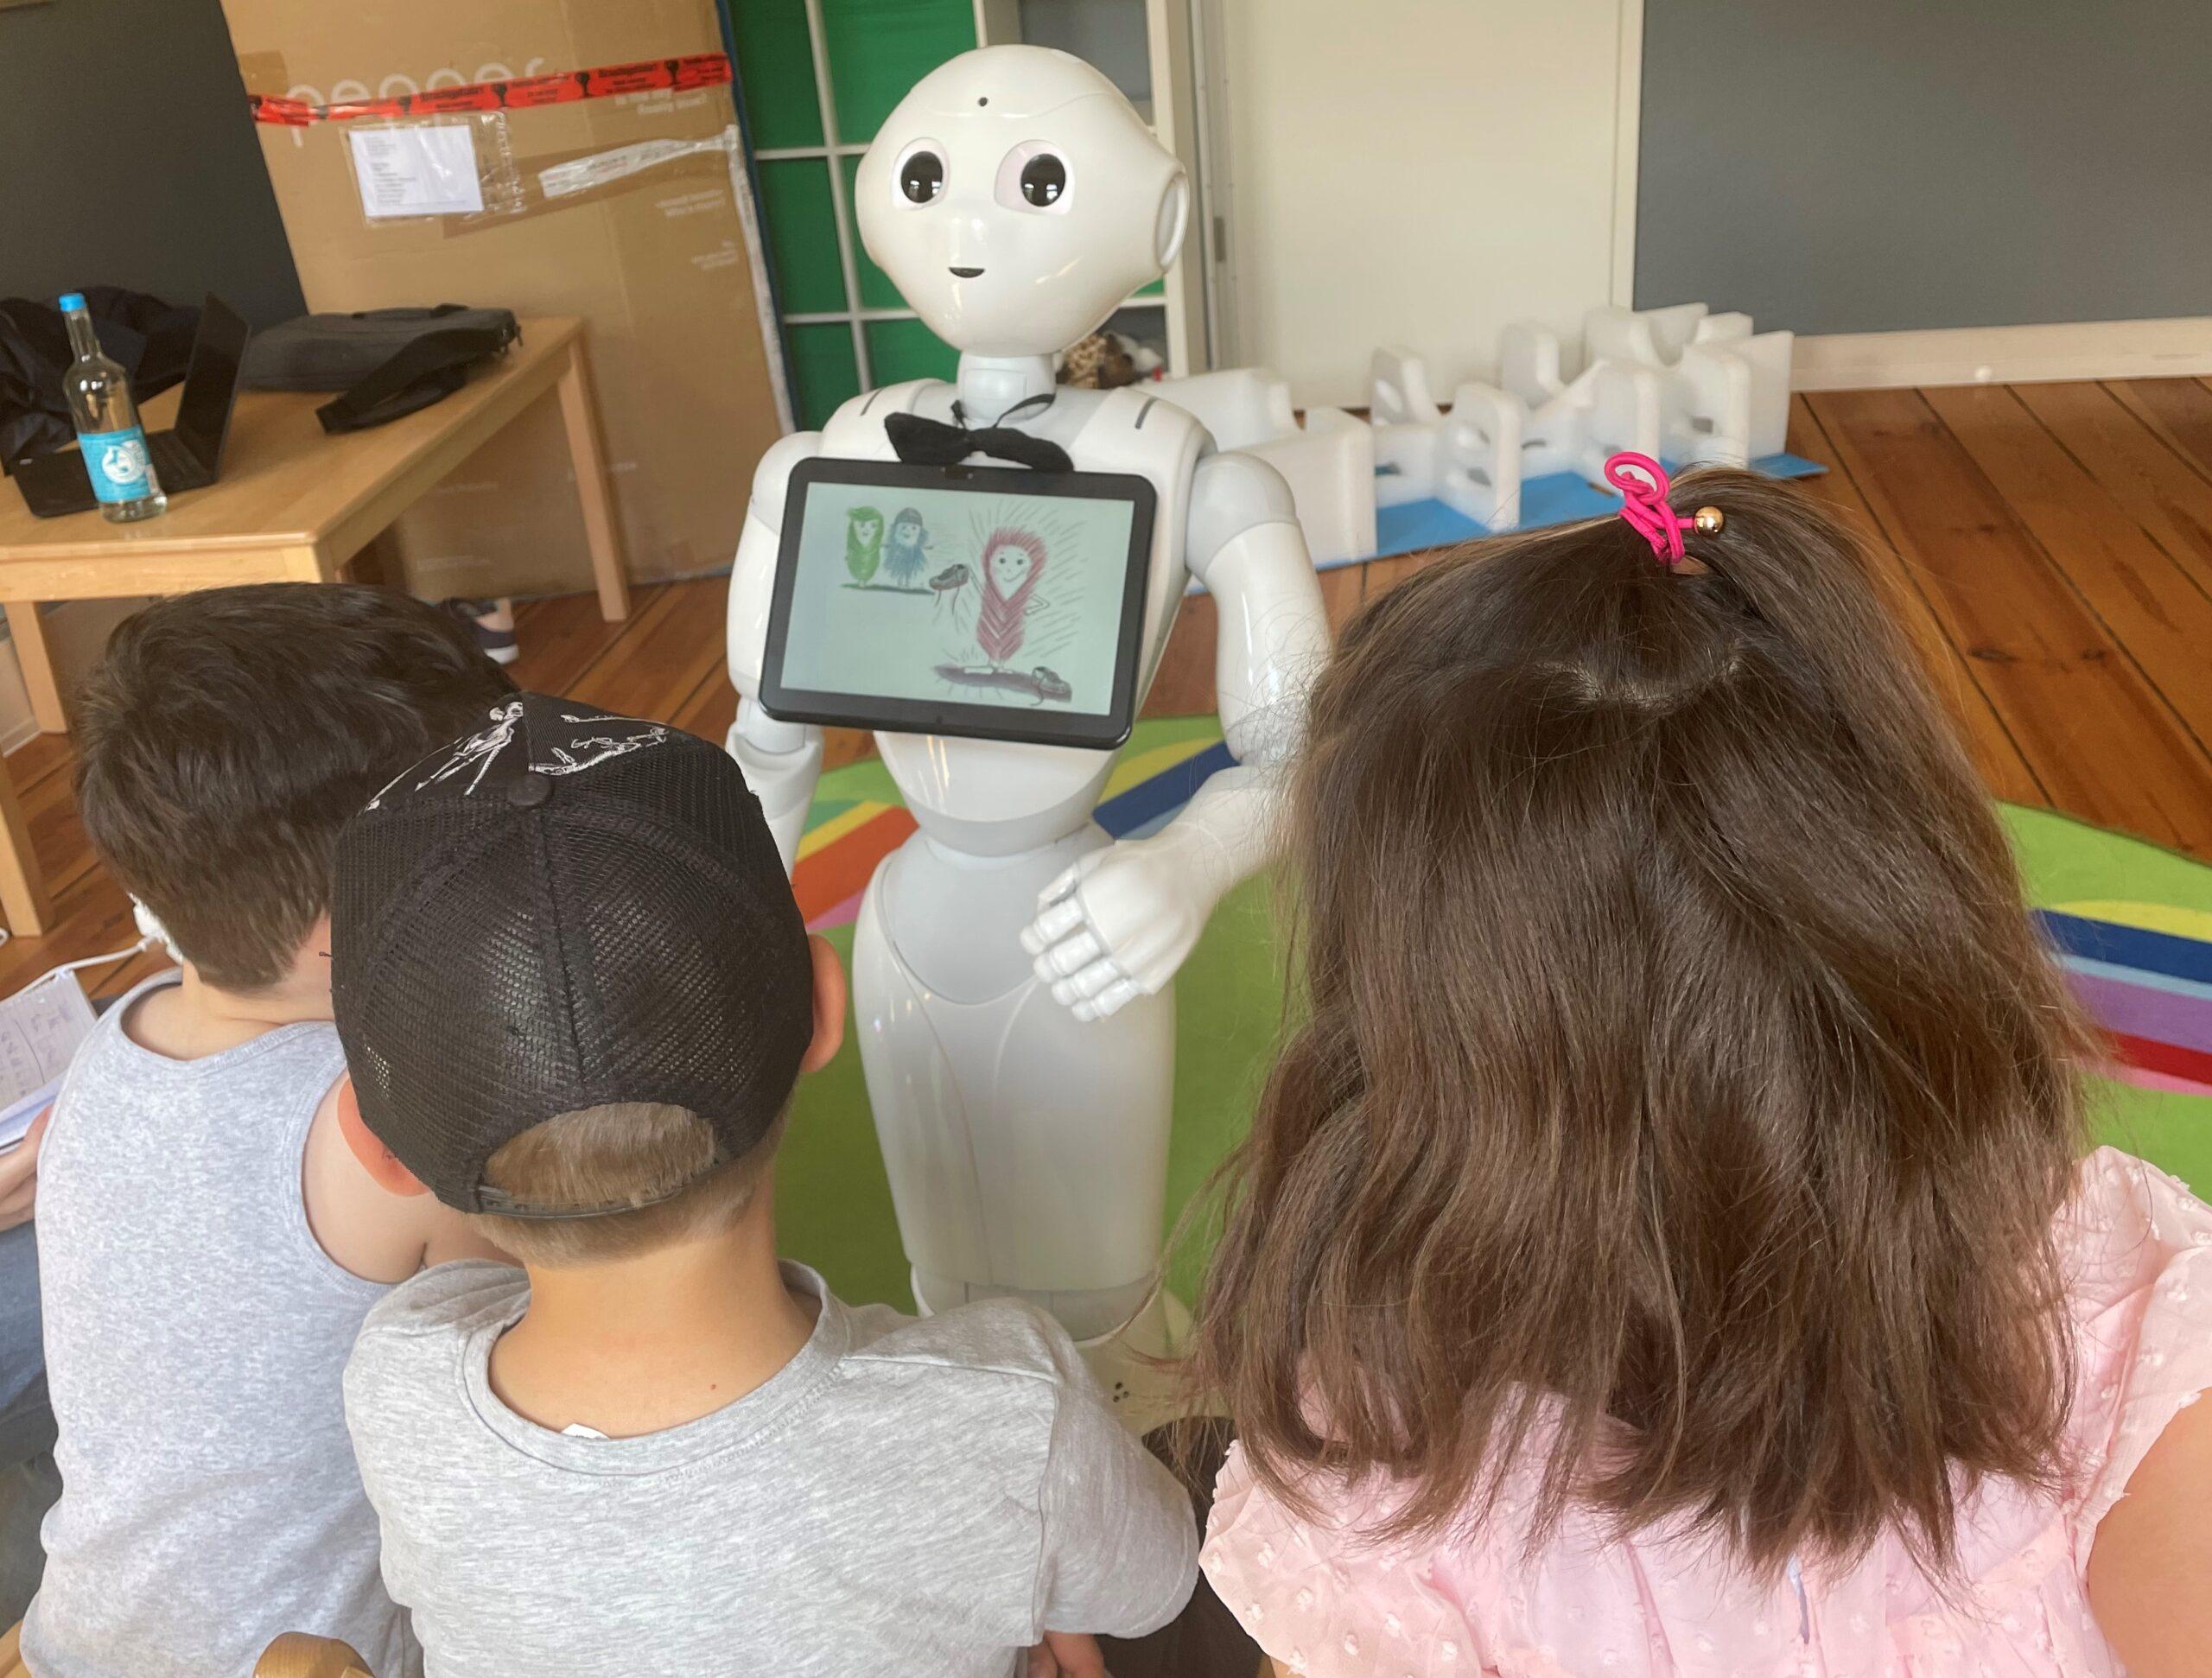 drei Kinder sitzen vor Pepper und hören zu wie der Roboter eine Geschichte erzählt